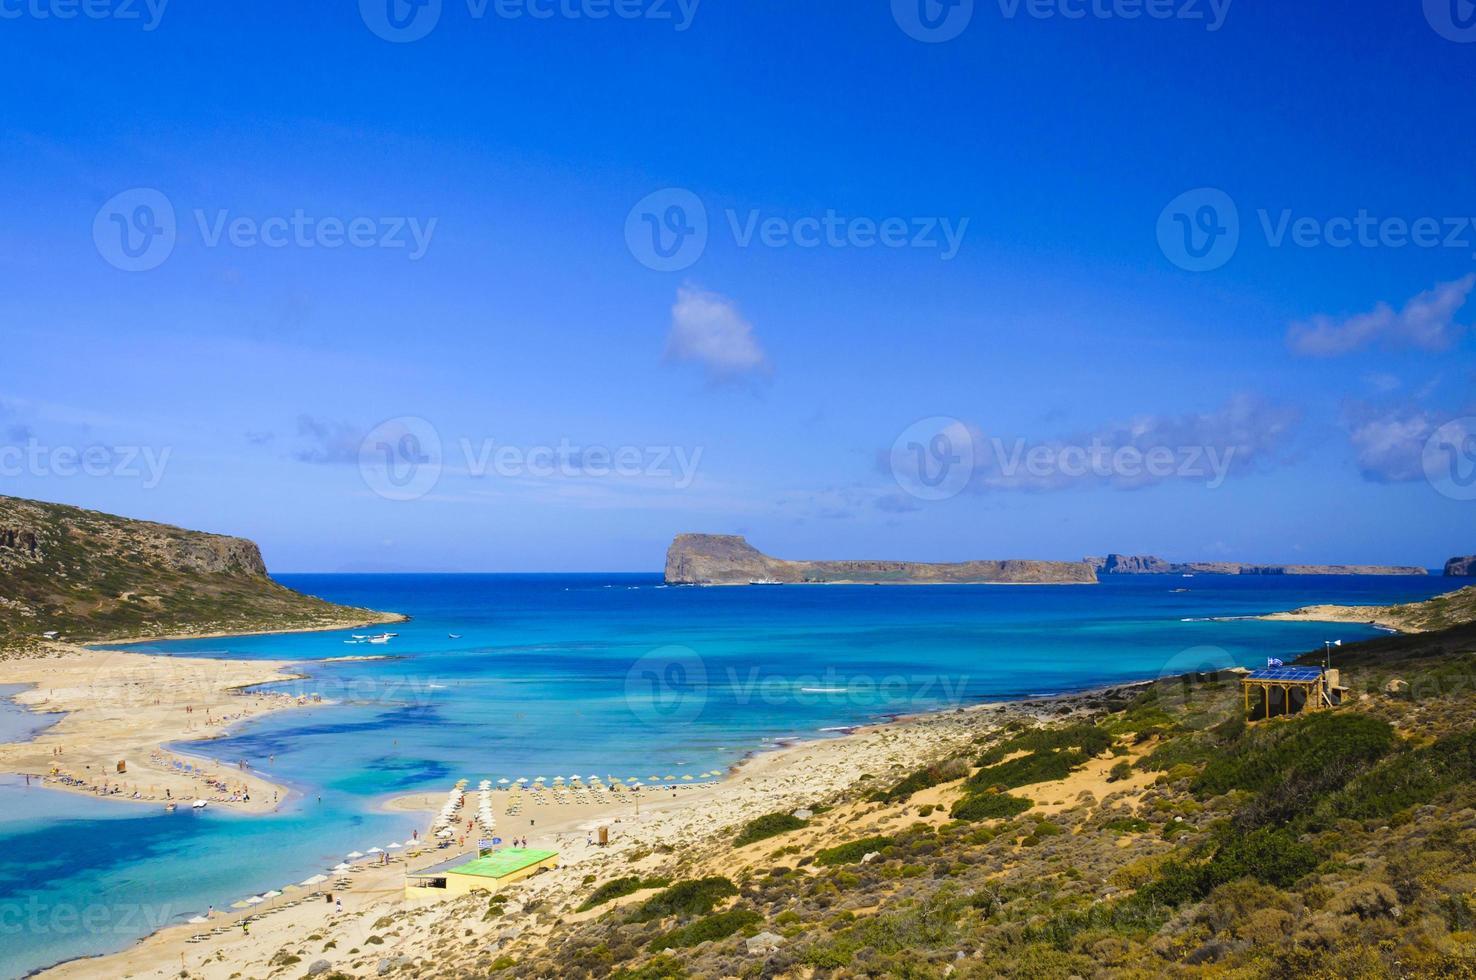 splendida vista sulla laguna di Balos a Creta, in Grecia foto